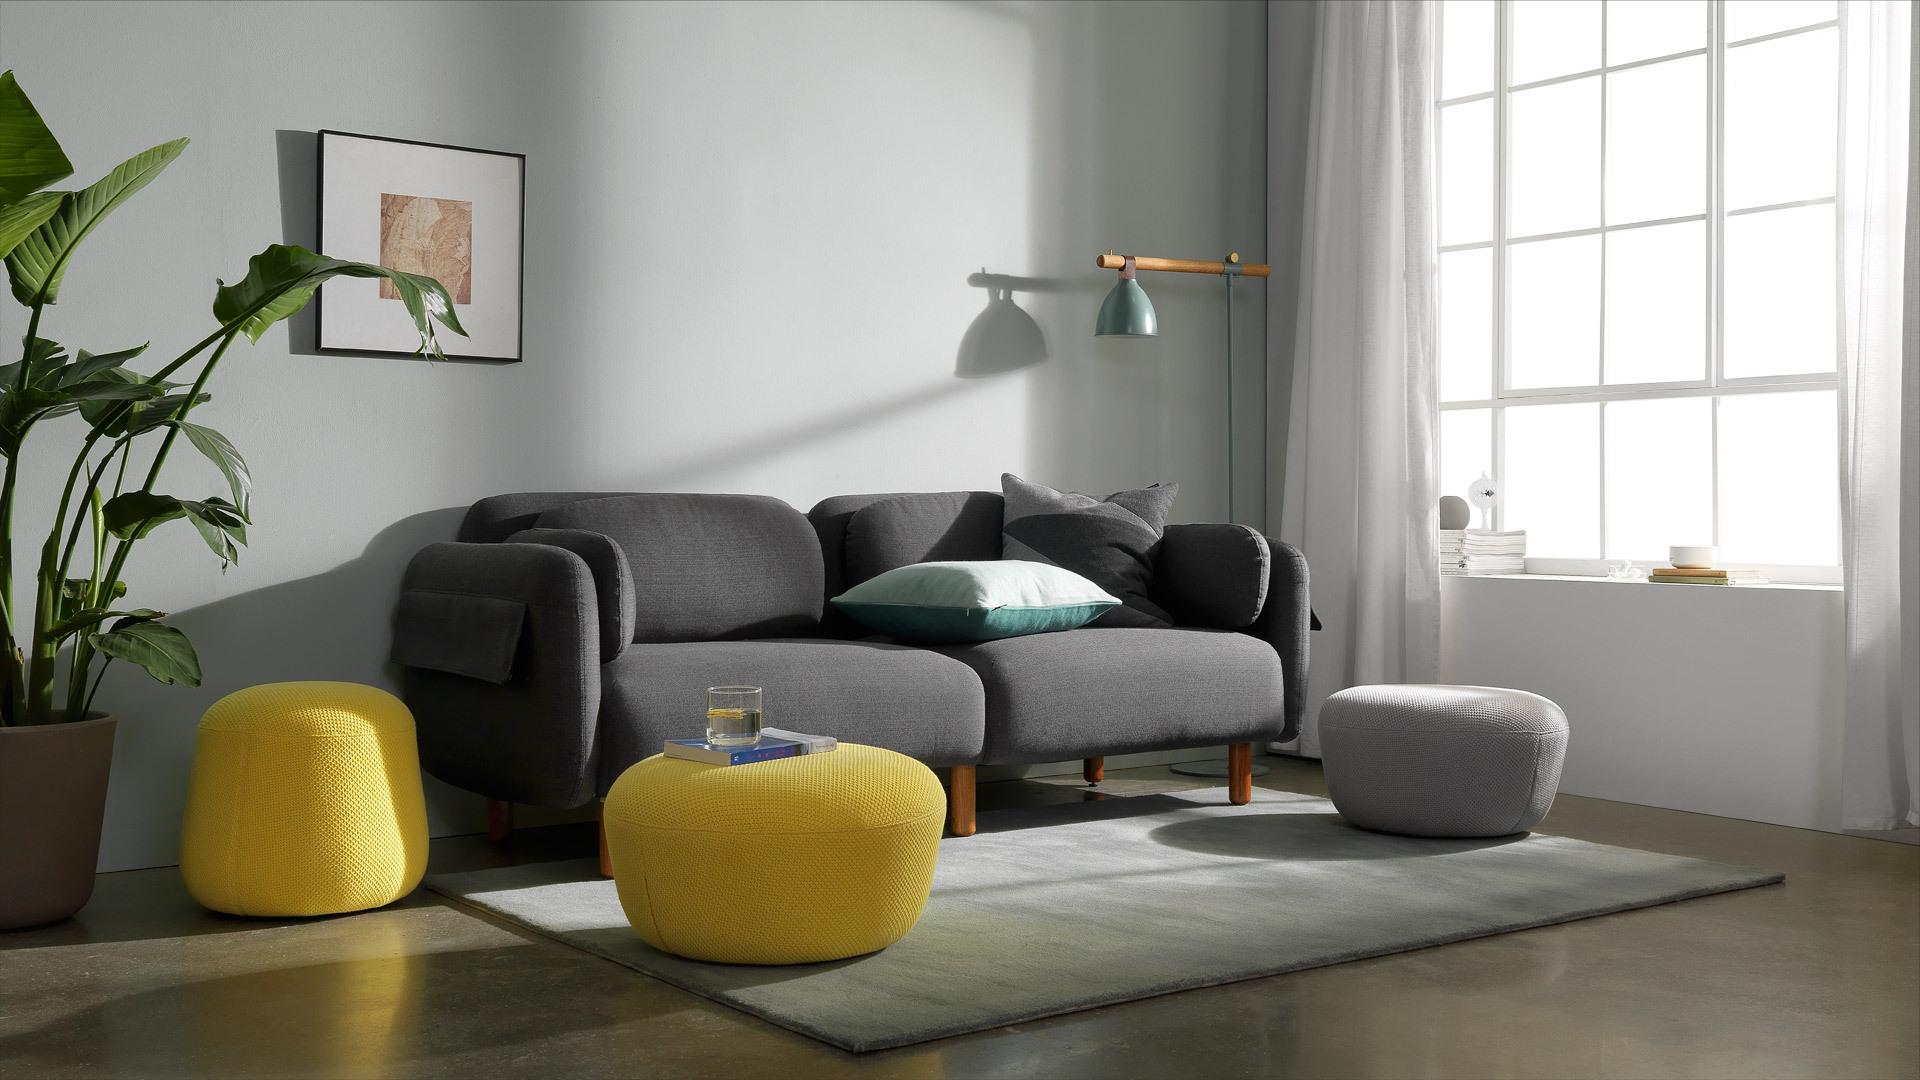 随意挪放,自由扩充沙发会客区